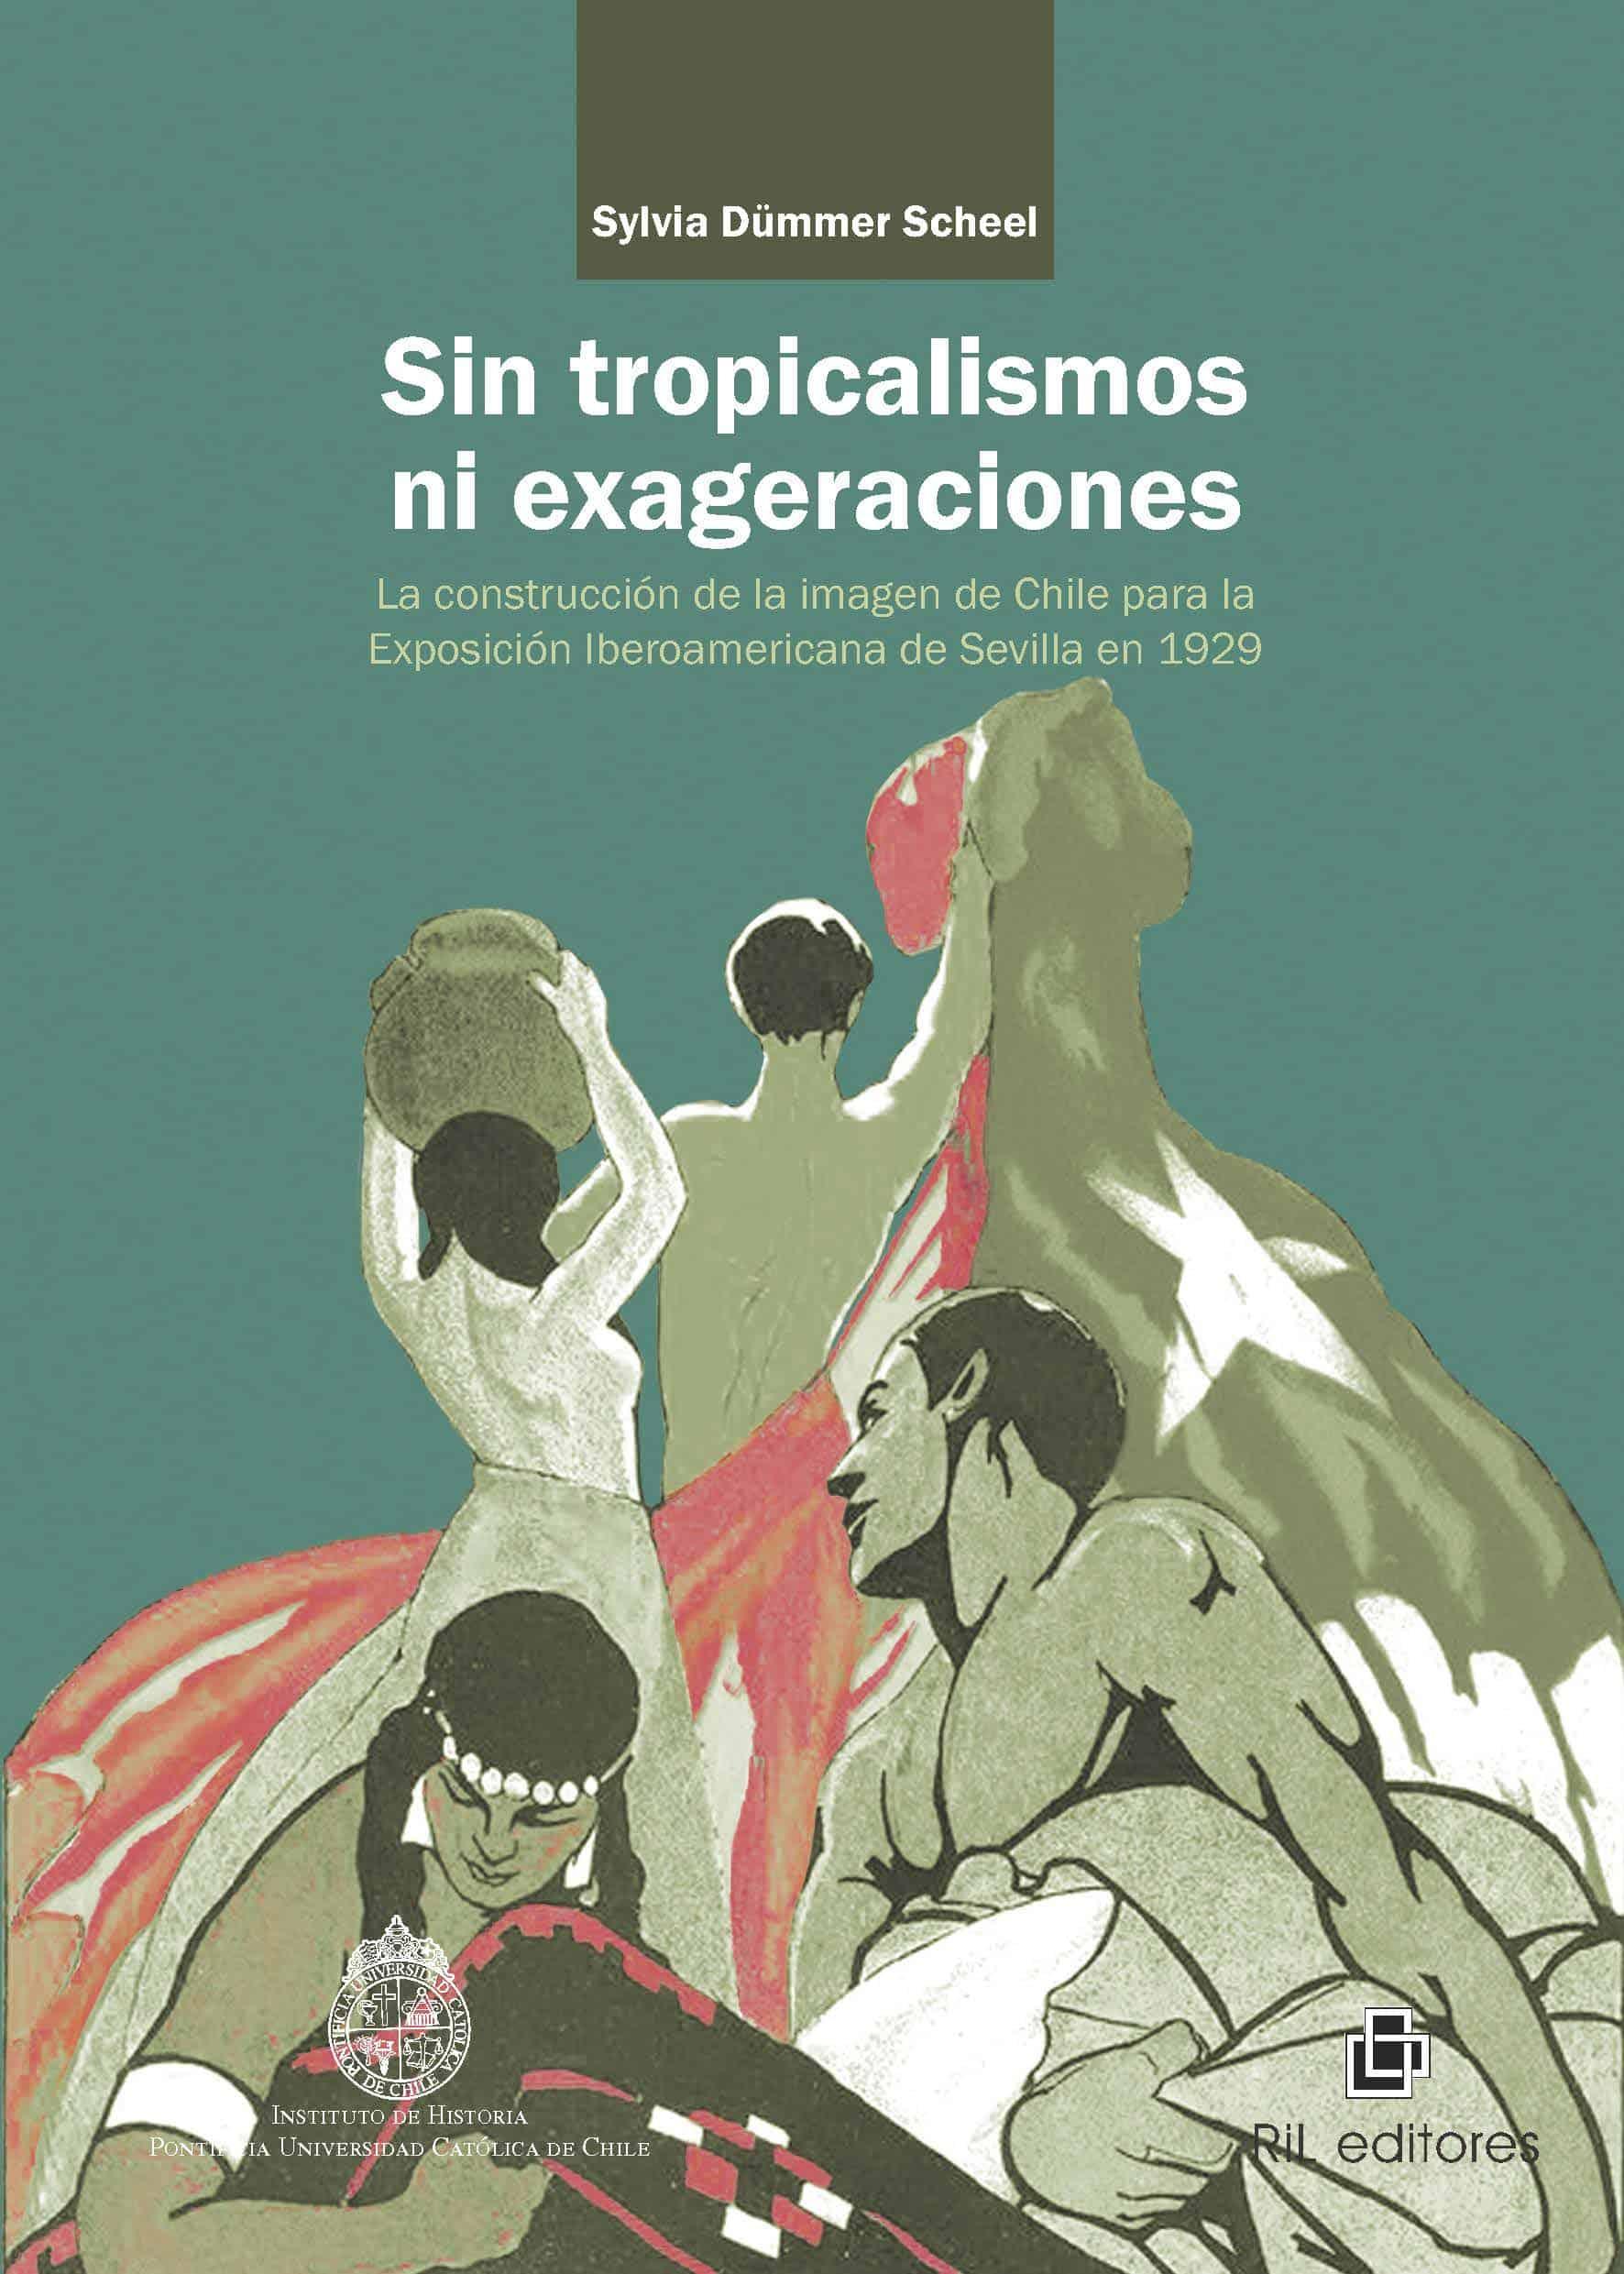 Sin tropicalismos ni exageraciones: la construcción de la imagen de Chile para la Exposición Iberoamericana de Sevilla de 1929 1